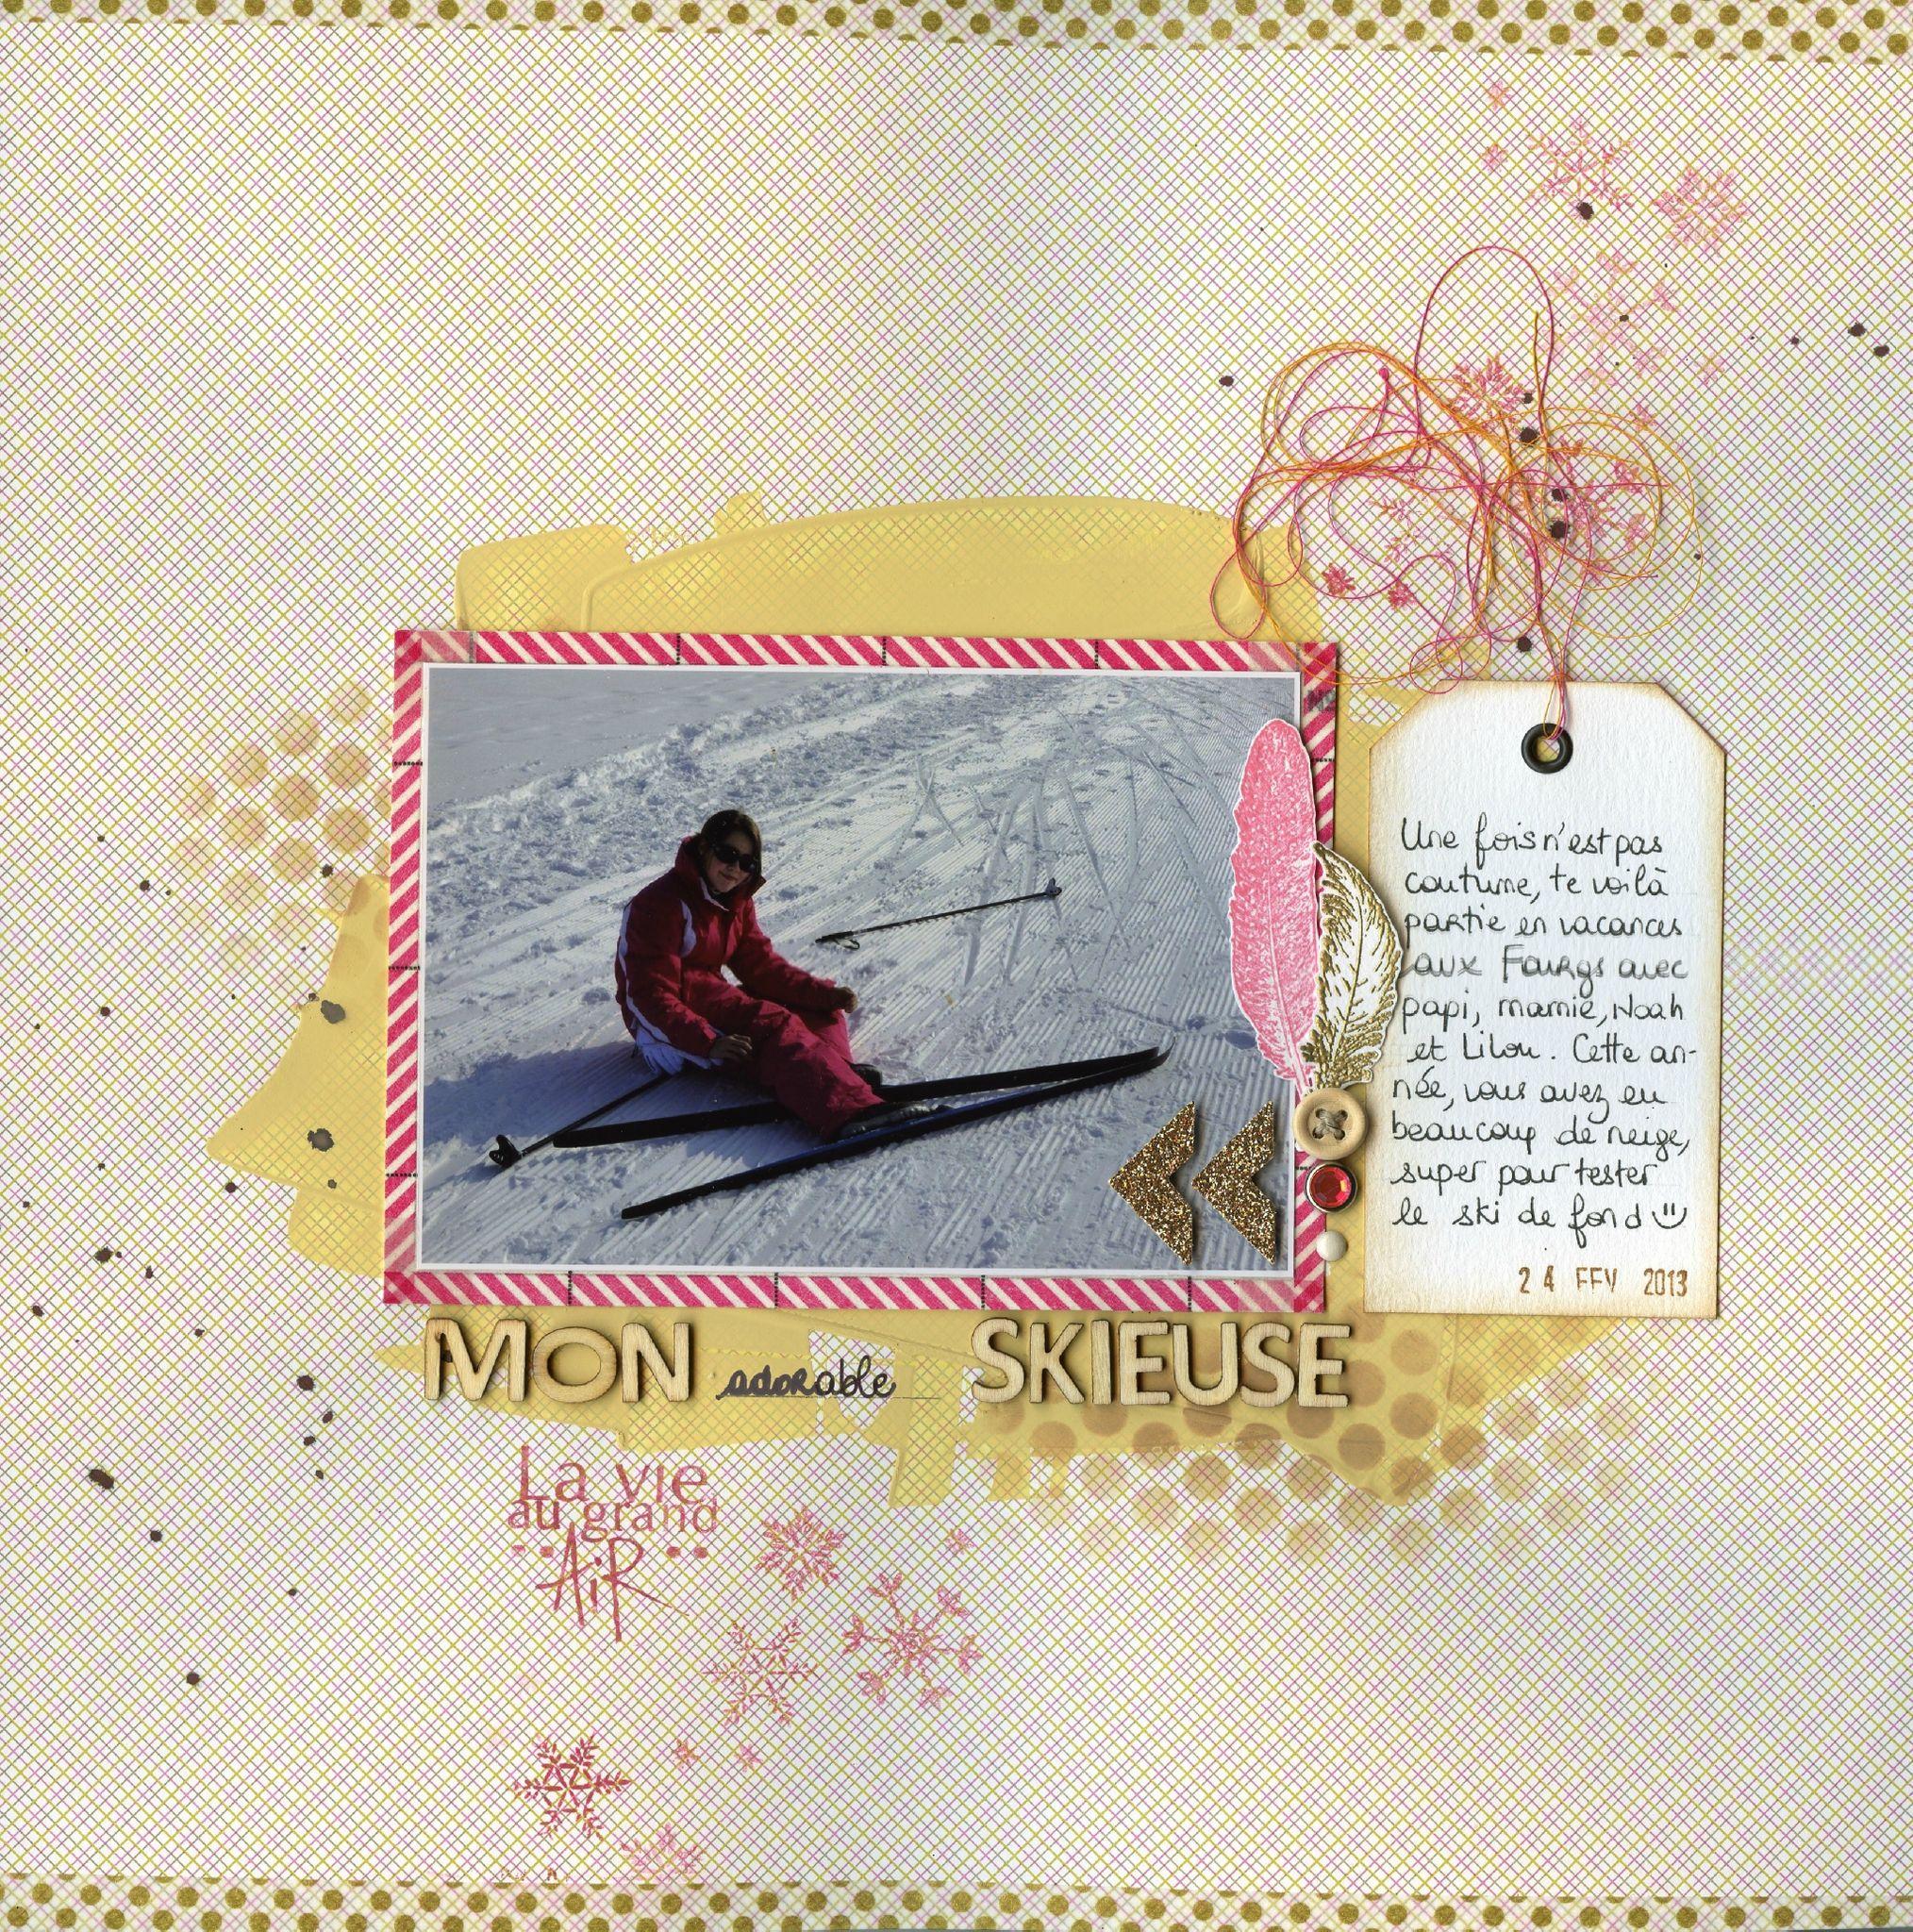 Mon adorable skieuse